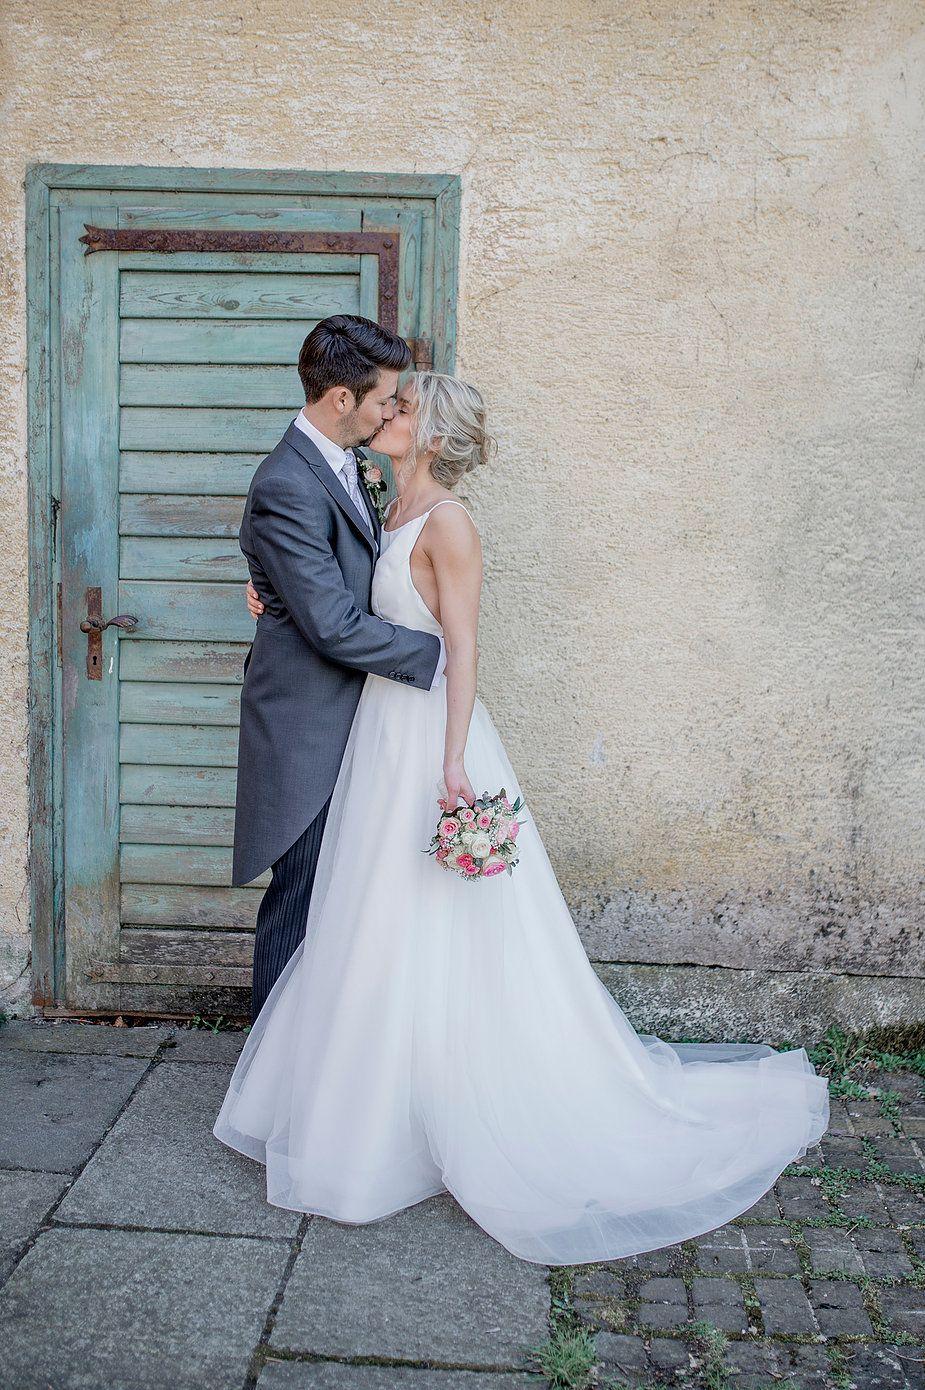 Der Einzug In Die Kirche Mit Der Braut Und Den Blumenmadchen Hochzeit Hochzeitbasel Kirchlichetrauung Hoch Hochzeit Kirchliche Hochzeit Hochzeitsfotografie